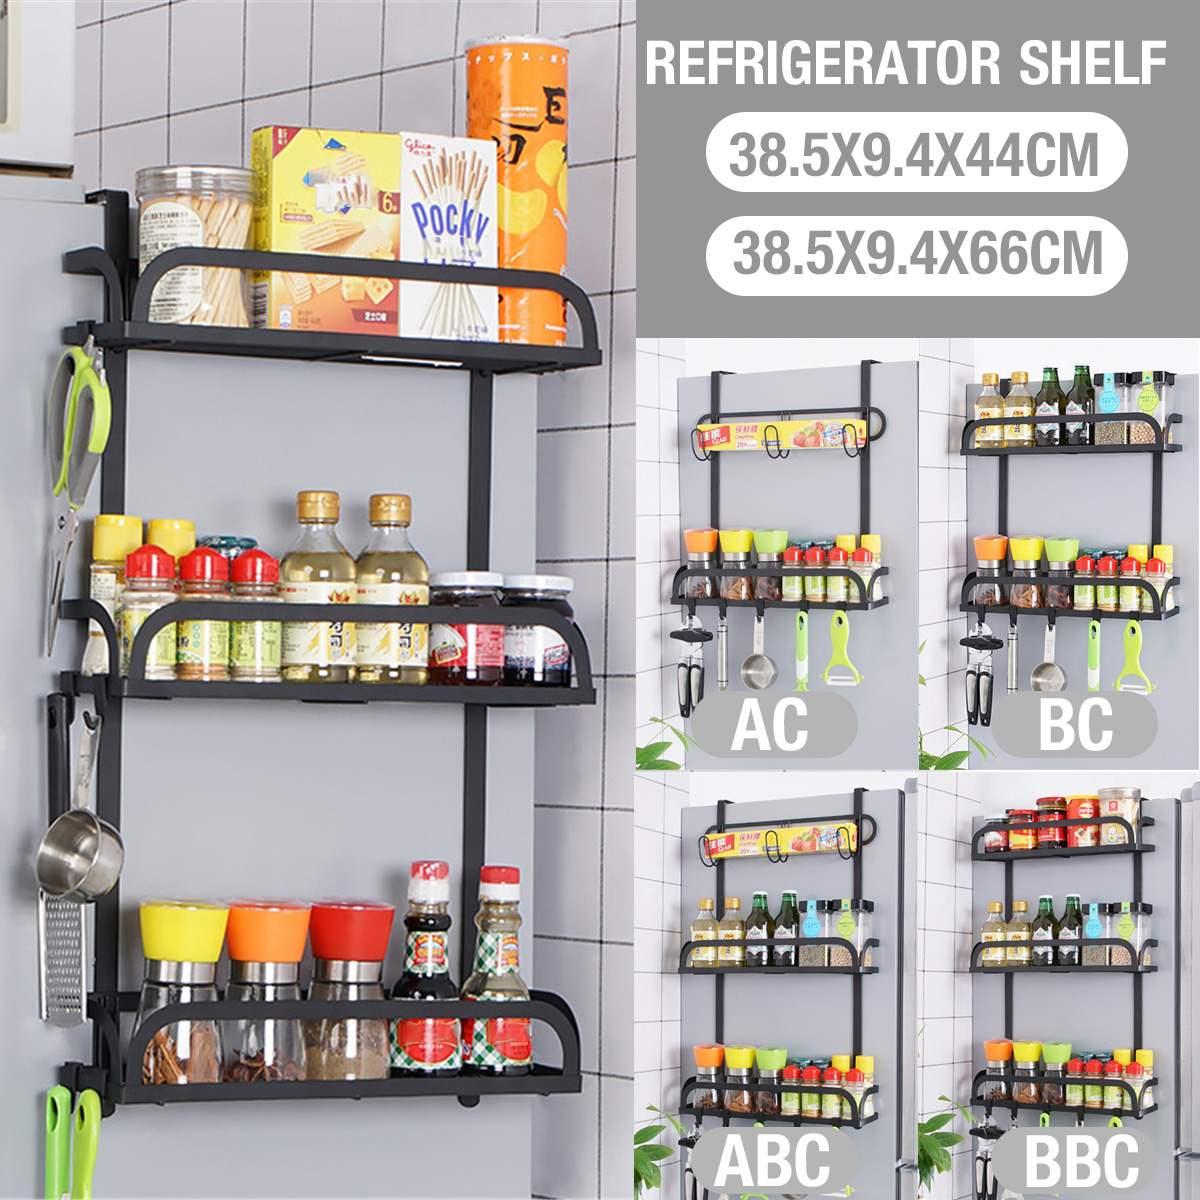 رف تخزين جانبي للثلاجة من الفولاذ المقاوم للصدأ ، سميك ، 3 مستويات ، منظم توابل ، متعدد الأغراض